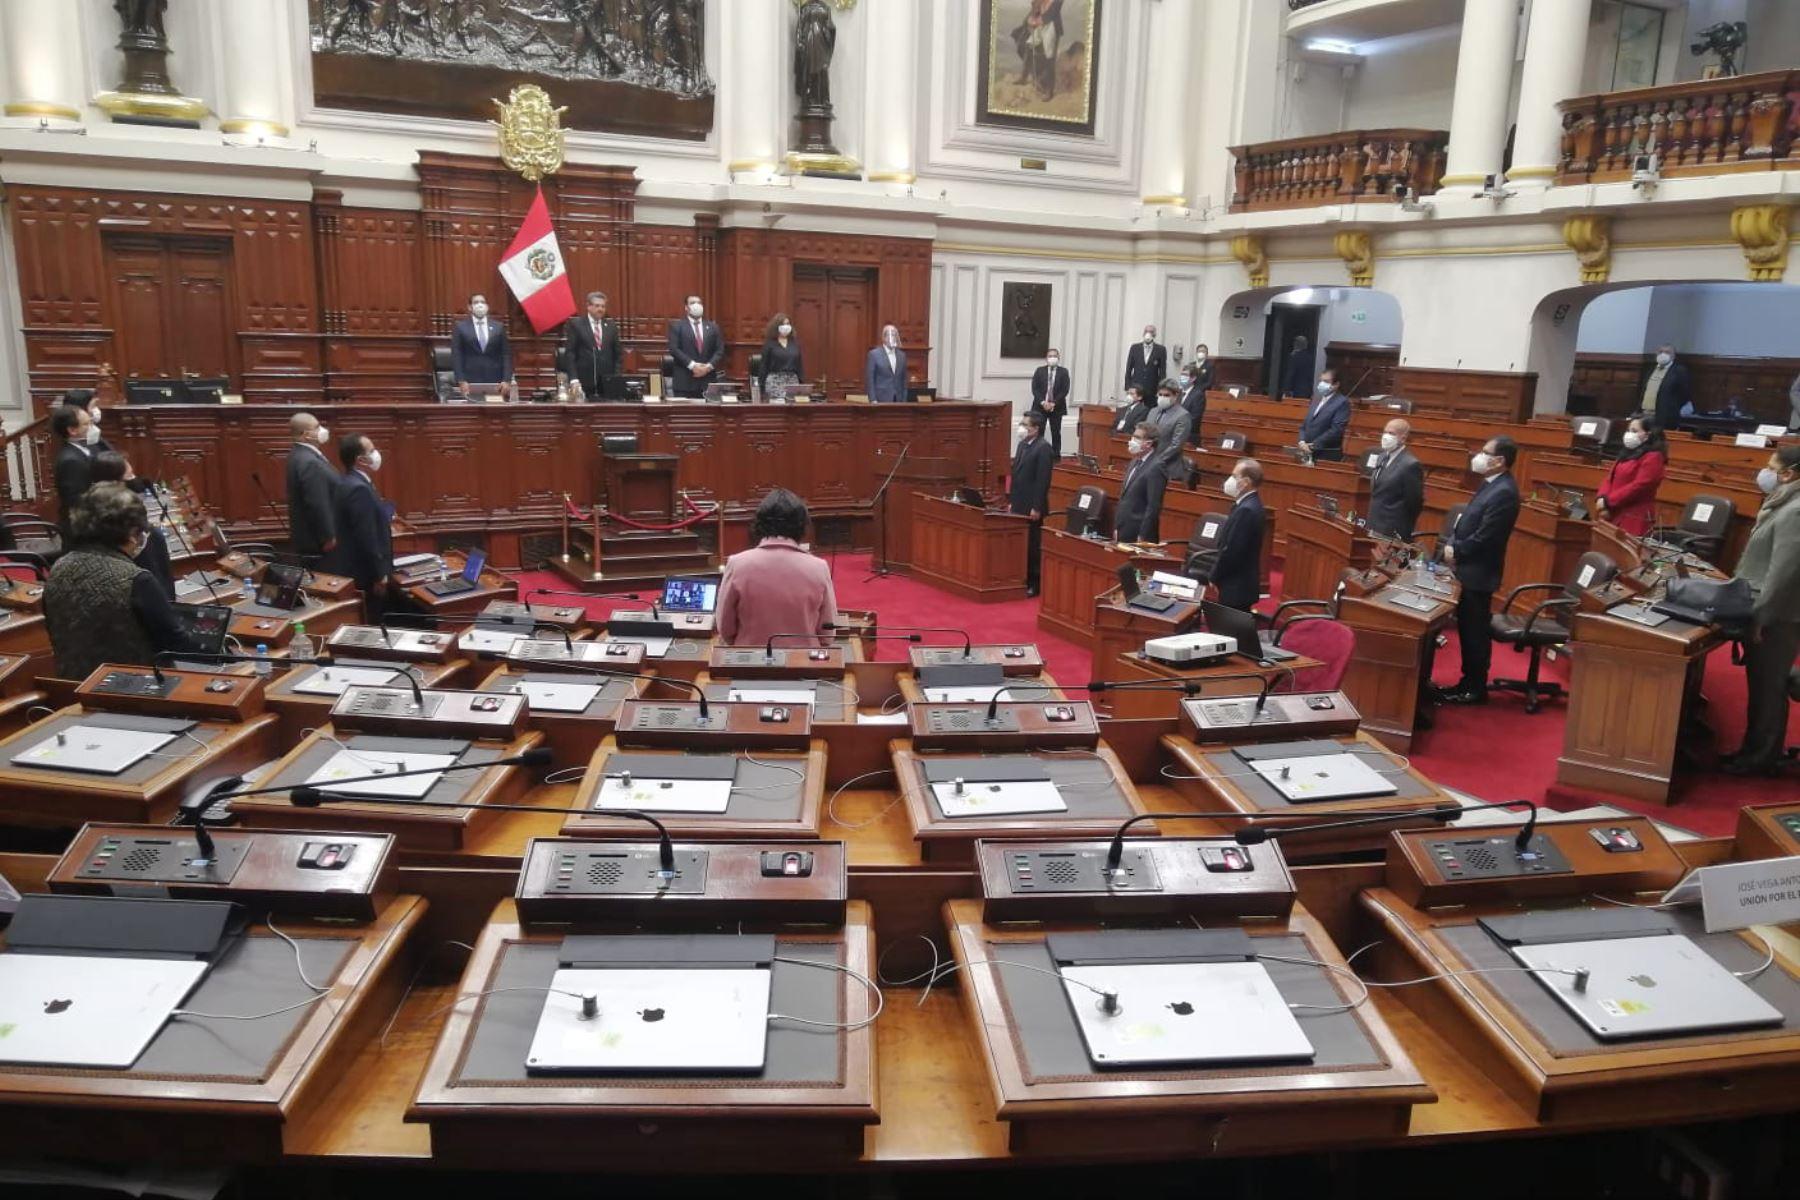 Se guarda minuto de silencio en homenaje a víctimas del COVID-19. Foto: ANDINA/Congreso de la República